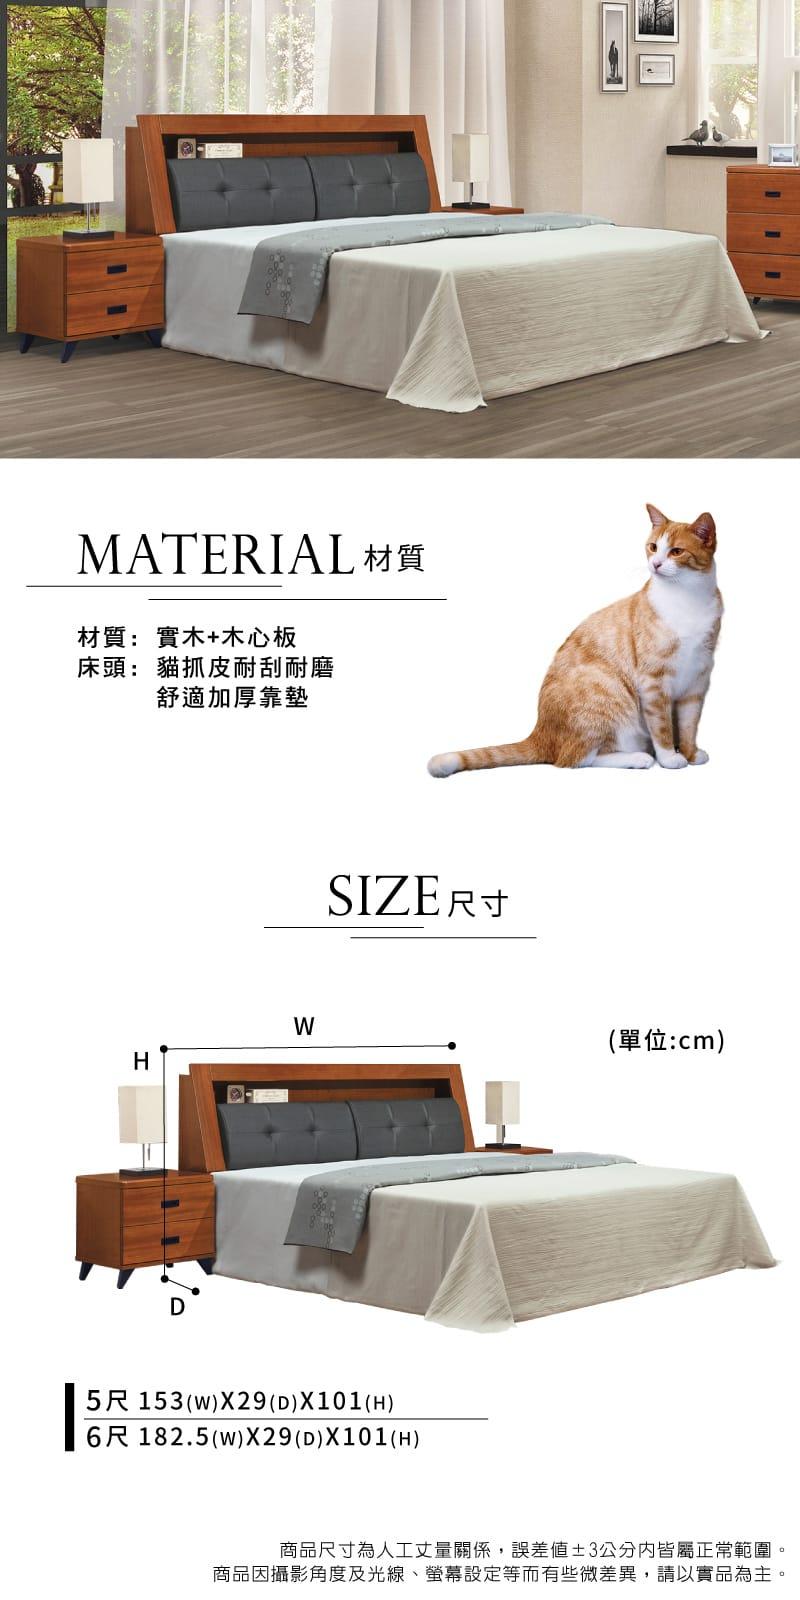 樟木貓抓皮收納床頭箱 雙人5尺